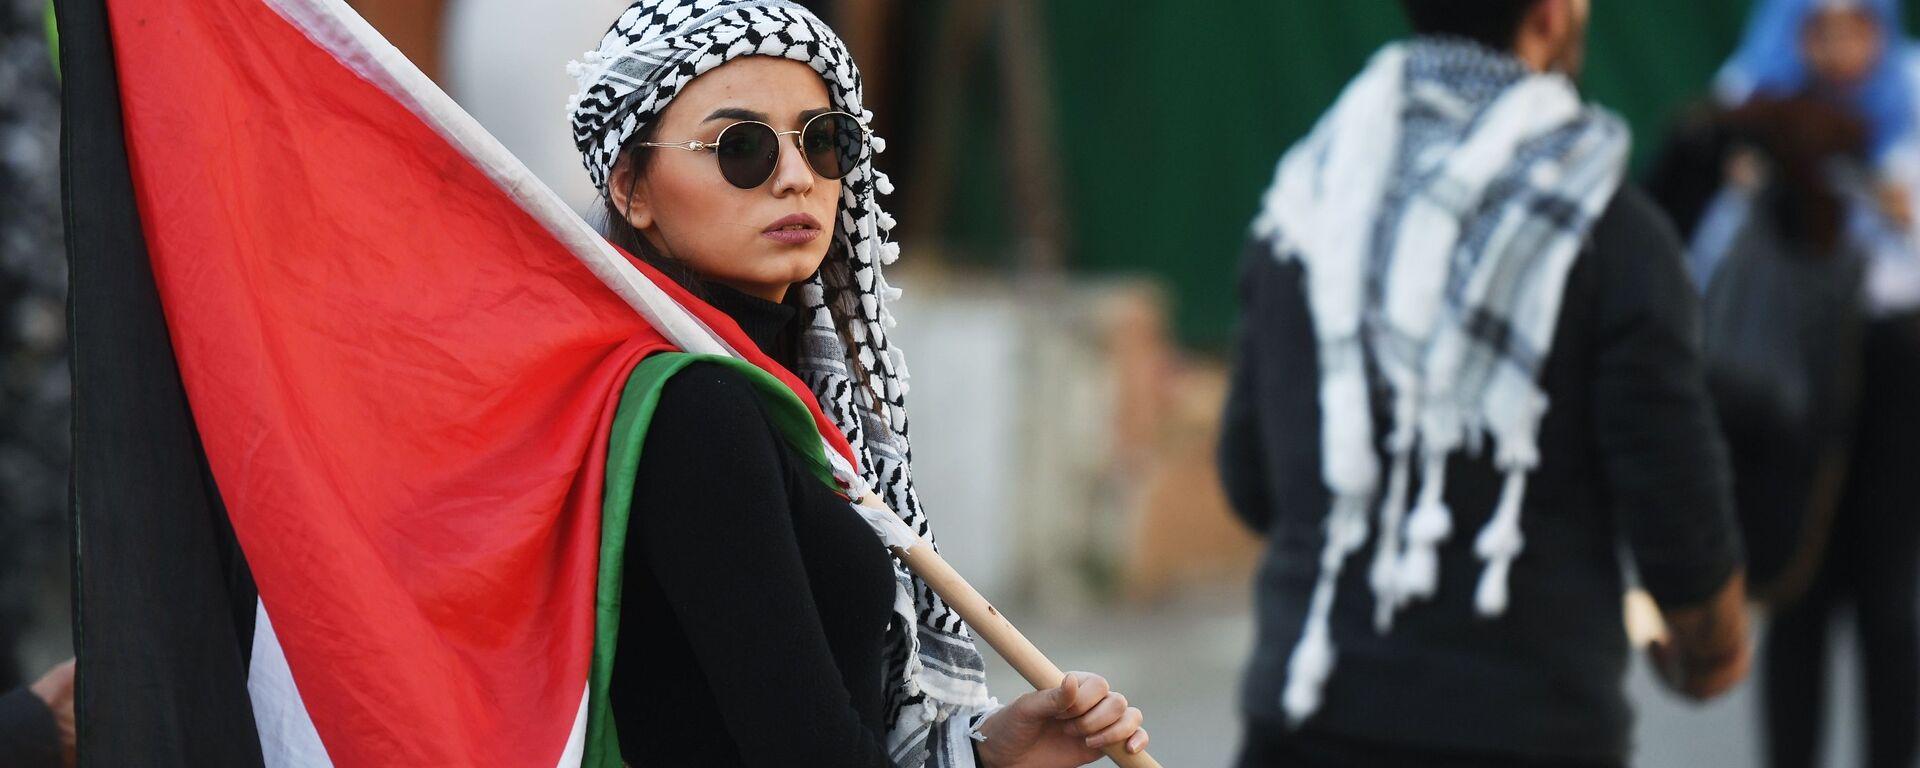 """Uczestniczka protestu przy ambasadzie USA w Bejrucie przeciwko """"umowie stulecia"""" dot. pokojowego rozwiązania konfliktu między Izraelem a Palestyną  - Sputnik Polska, 1920, 21.08.2021"""